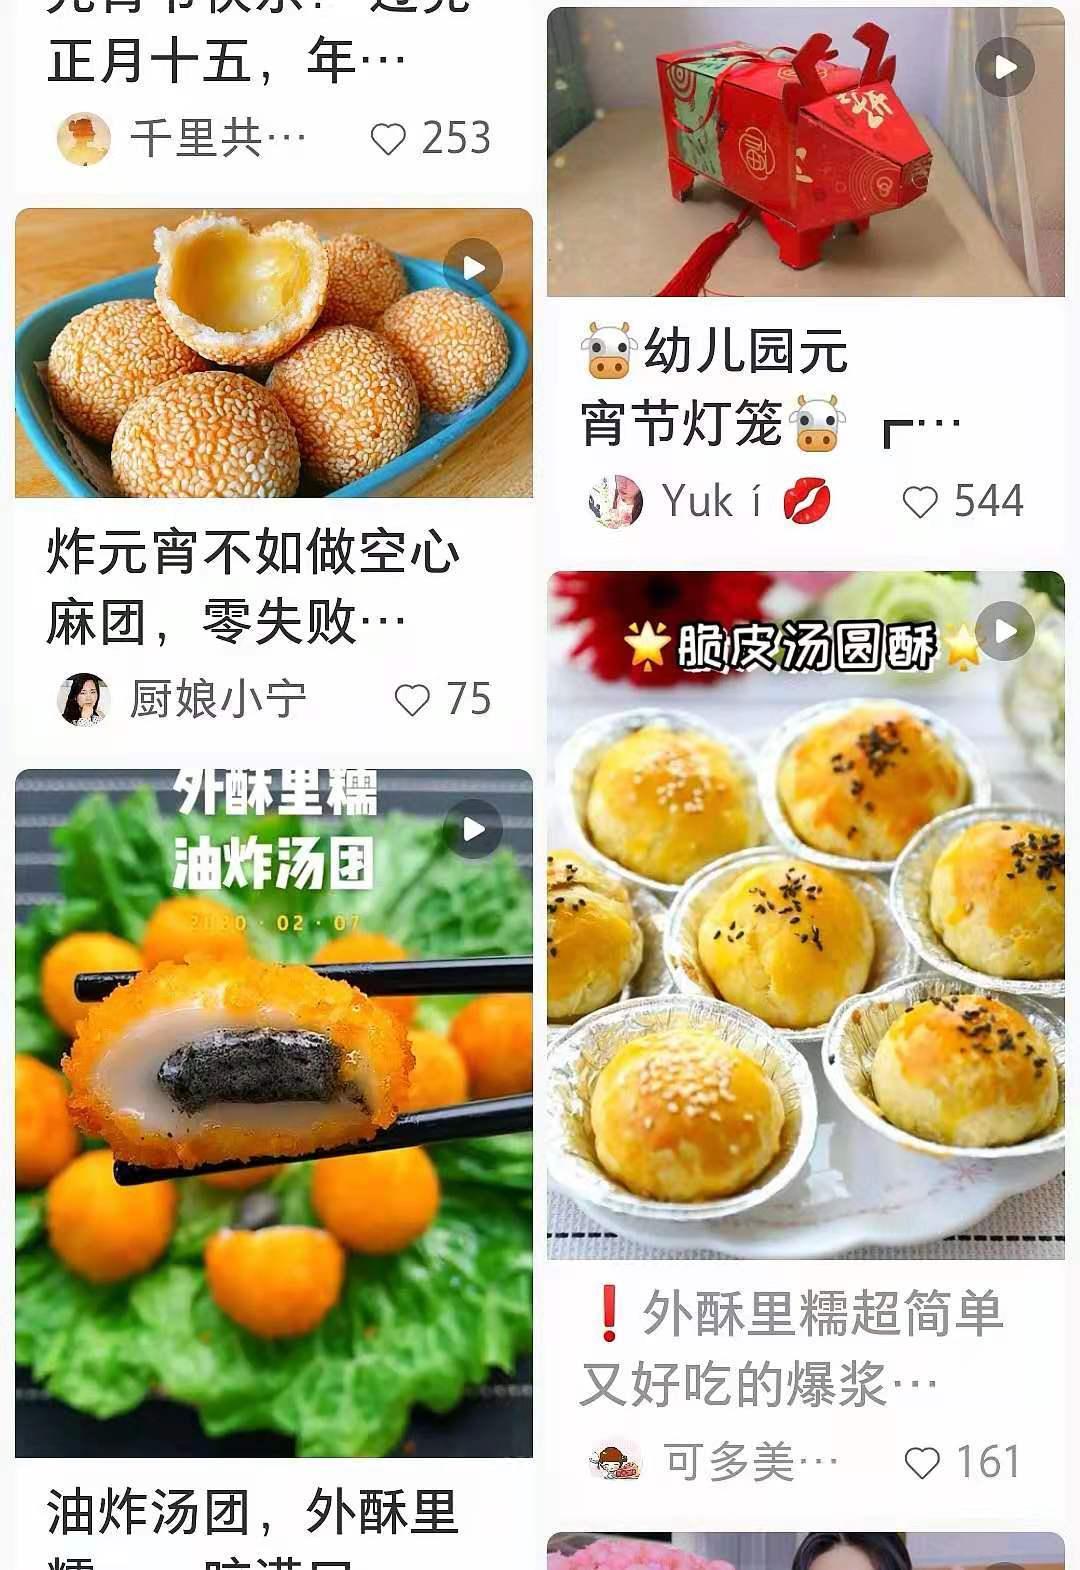 元宵节,全民晒汤圆,刘涛和岳云鹏晒的汤圆太清奇,引来网友围观